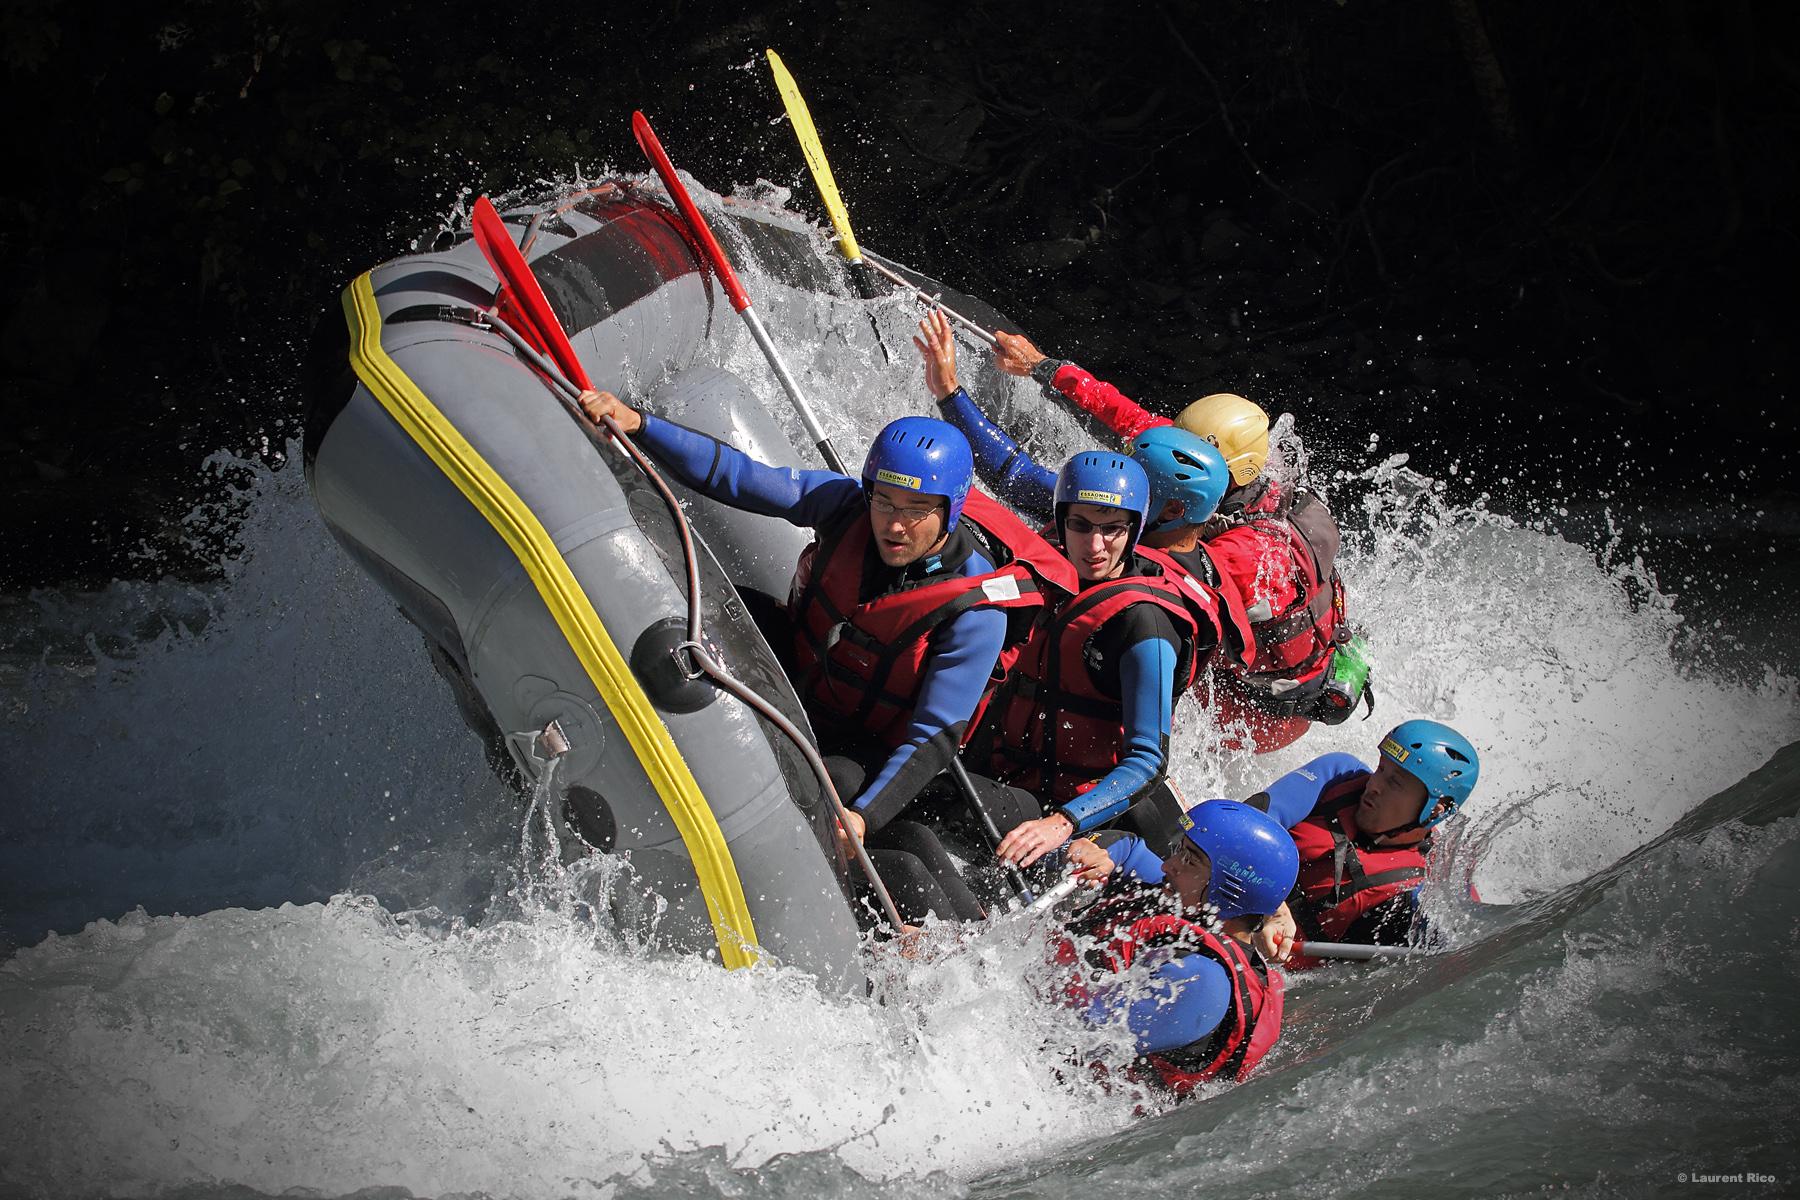 Laurent-rico-savoie-centron-photos-videos-reportage-isere-multi activites-descente-essaonia-rafting-eau vive-groupe-riviere-